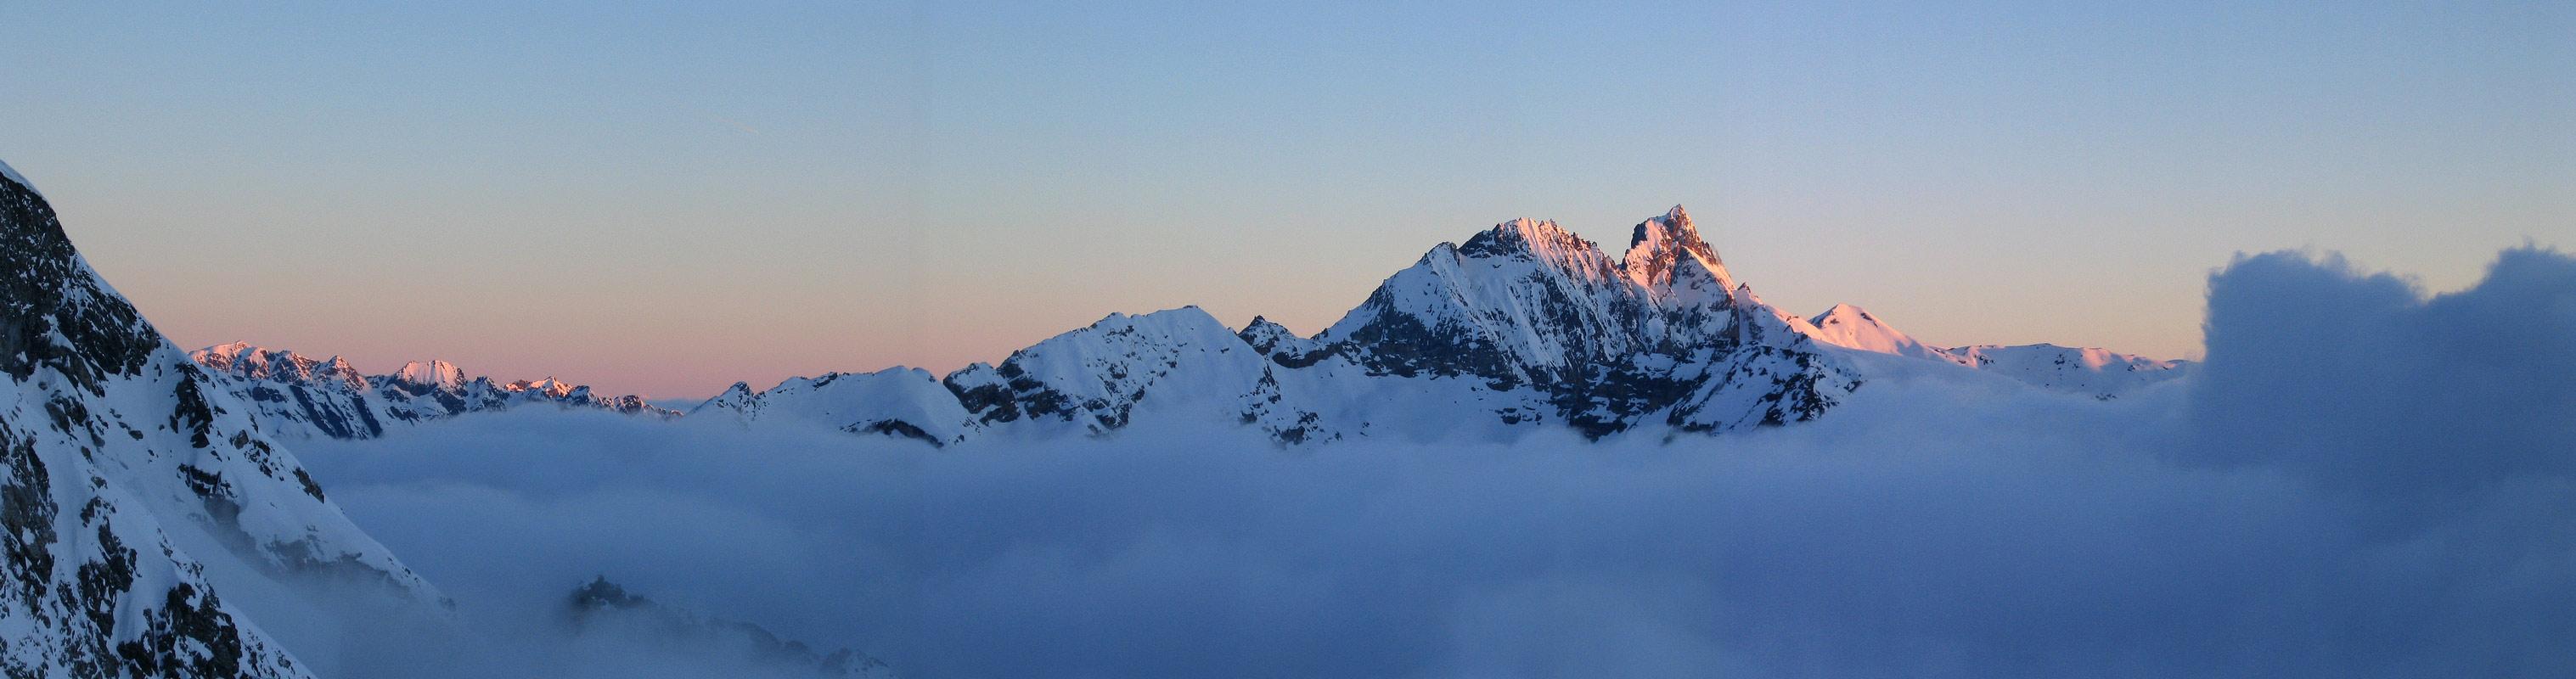 Col Valpelline, Day 6 H.R. Chamonix-Zermatt Walliser Alpen / Alpes valaisannes Schweiz panorama 13